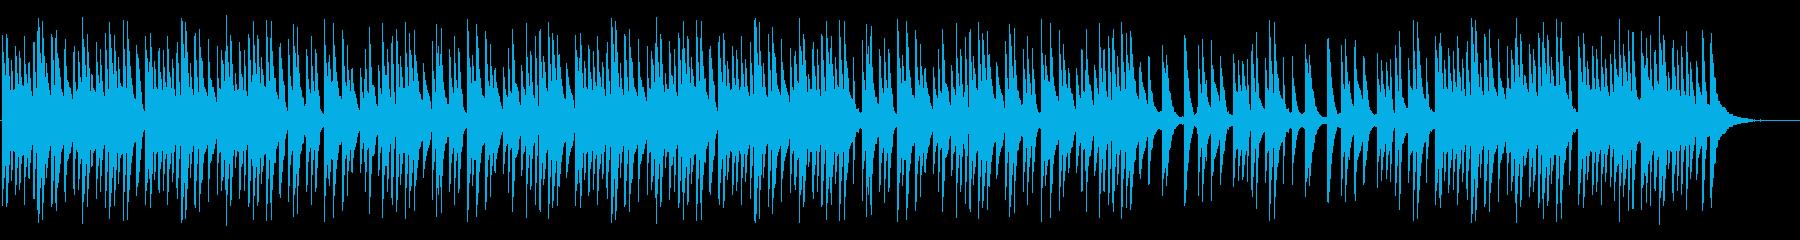 JSバッハのスタイルのエレガントで...の再生済みの波形